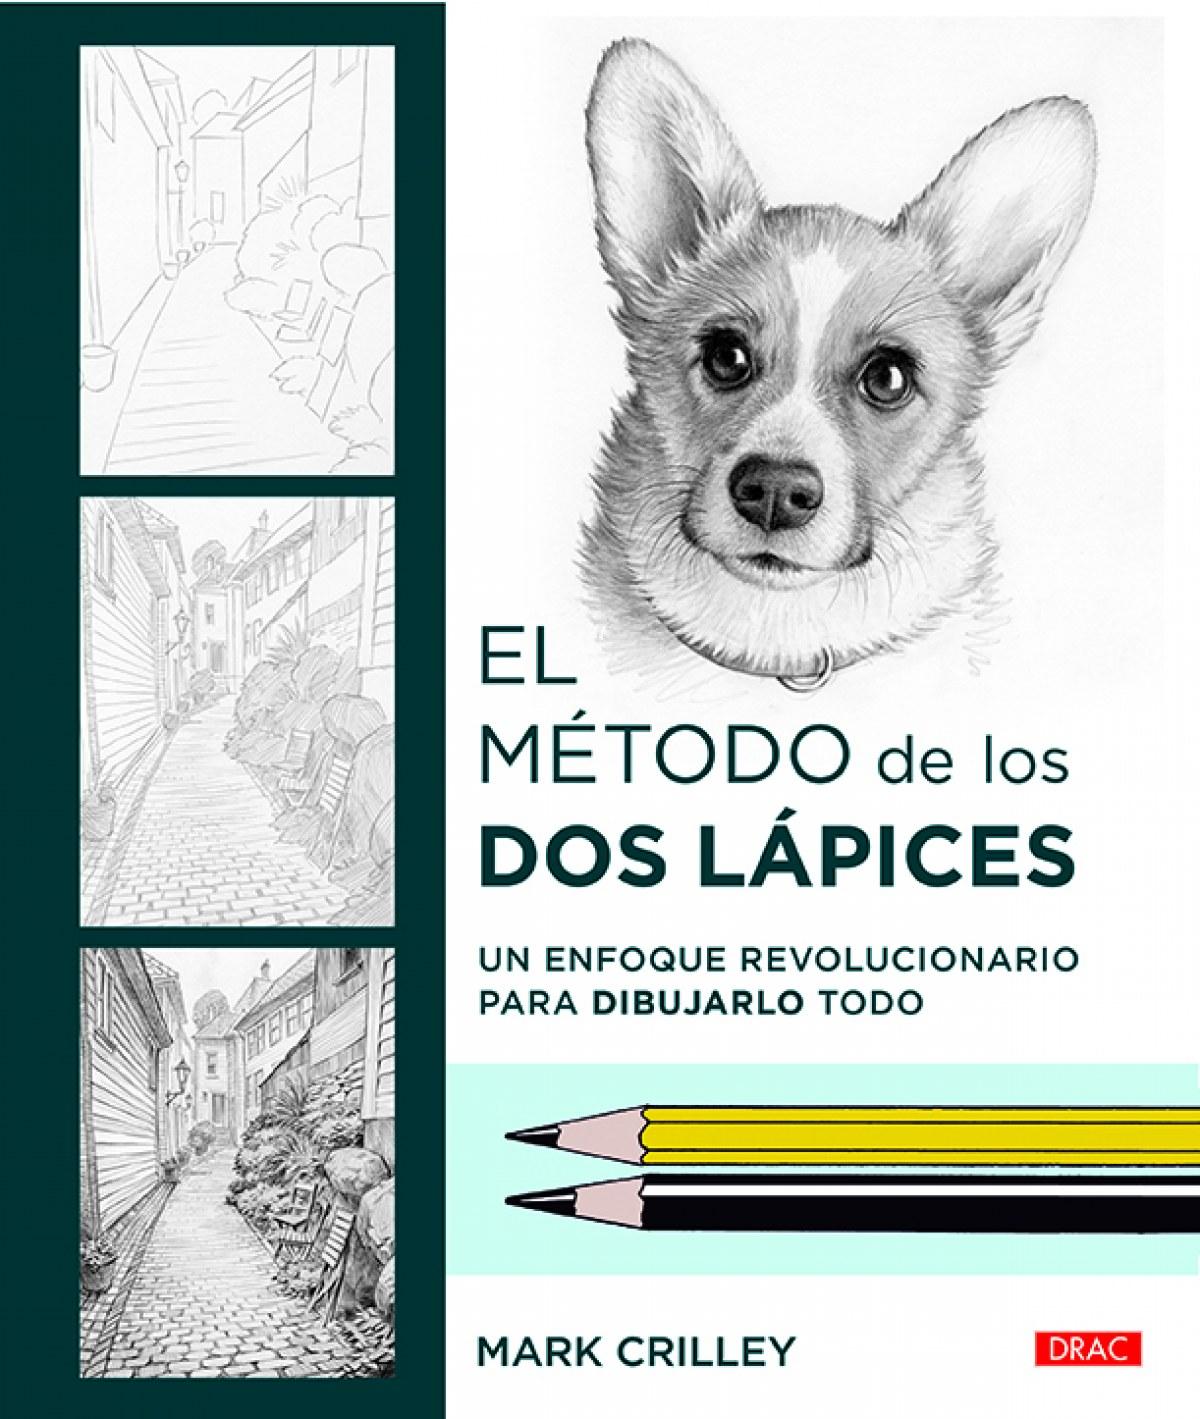 EL MÉTODO DE LOS DOS L-PICES